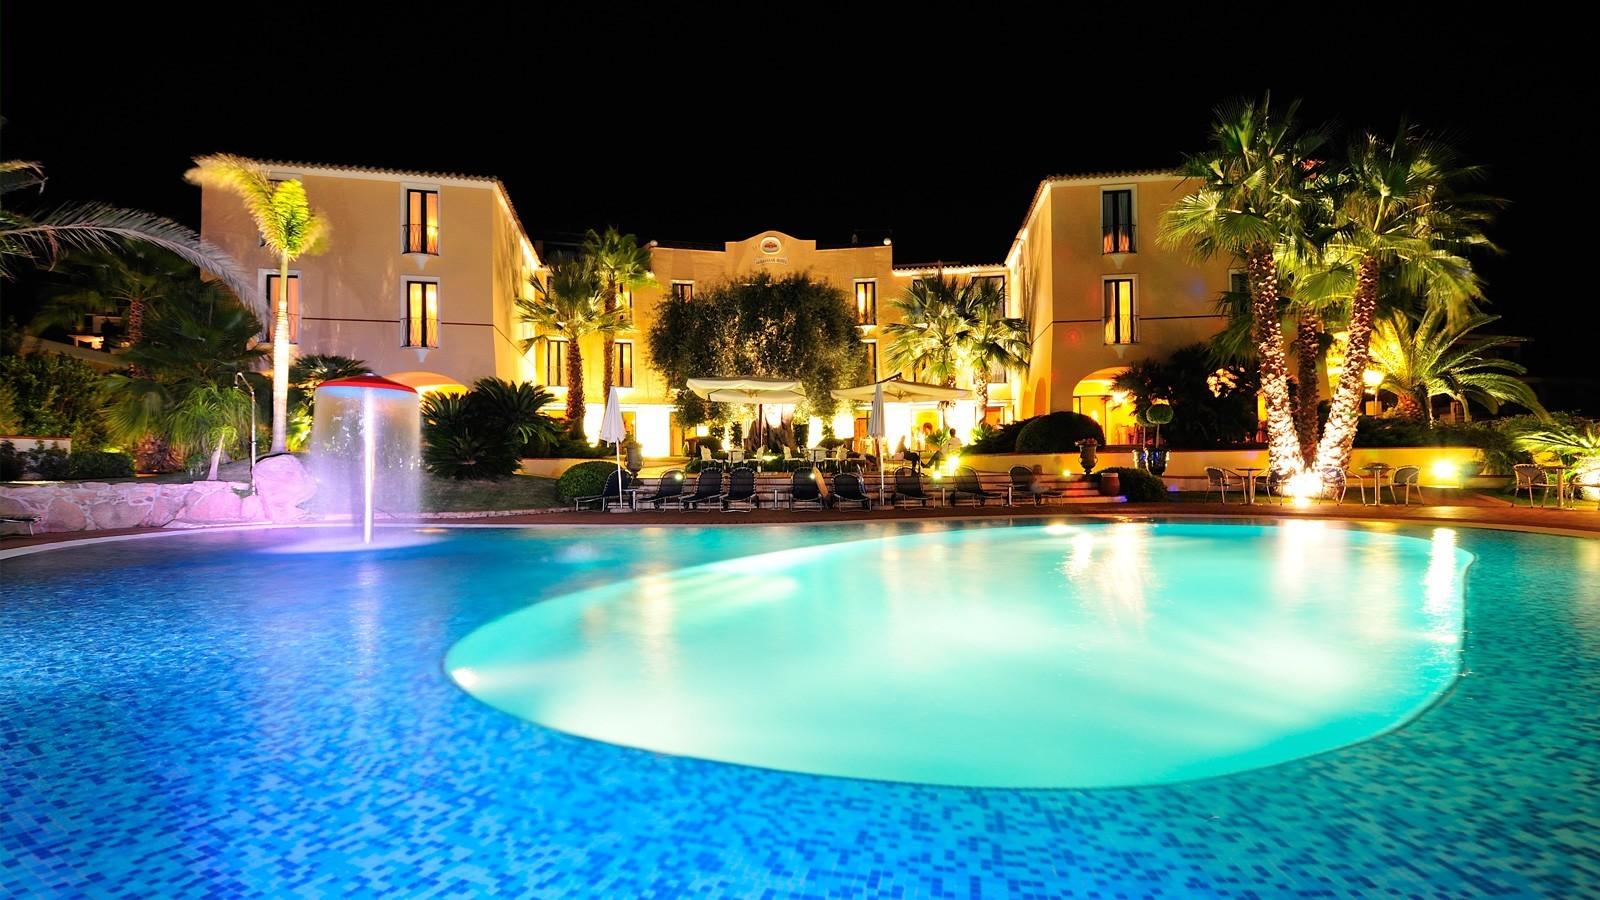 hotel-arbatasar-arbatax_notturno-piscina-11